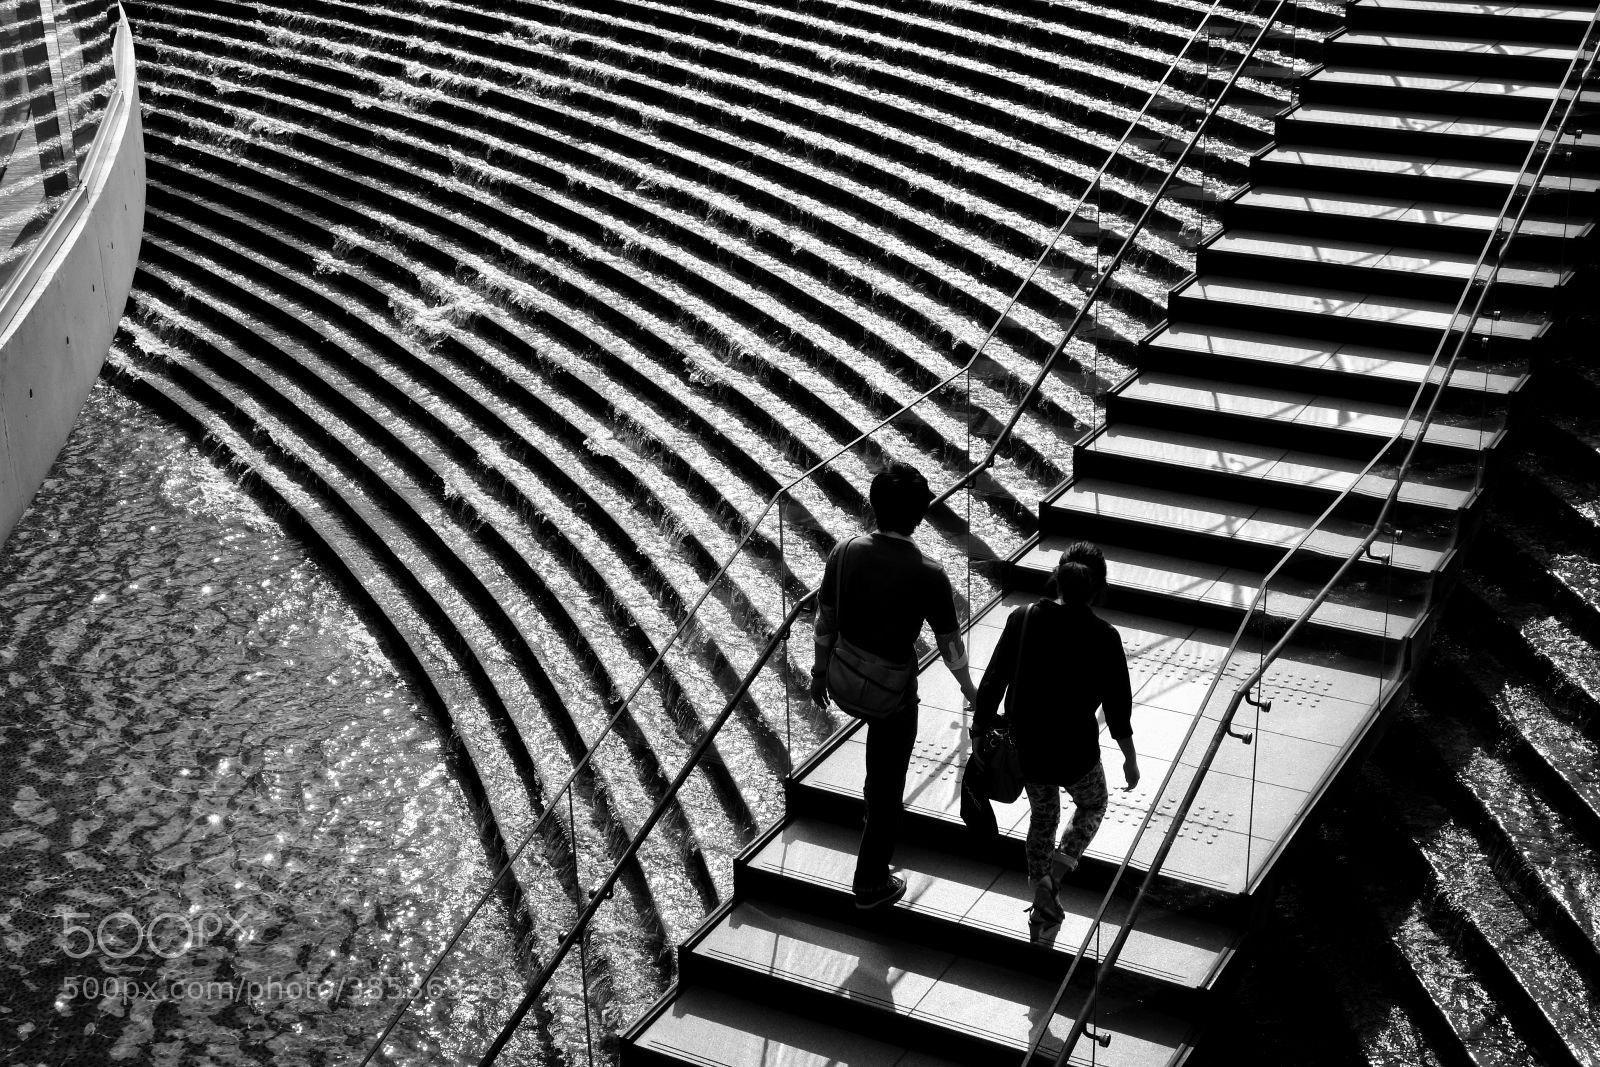 Photograph Untitled by Akira Ota on 500px